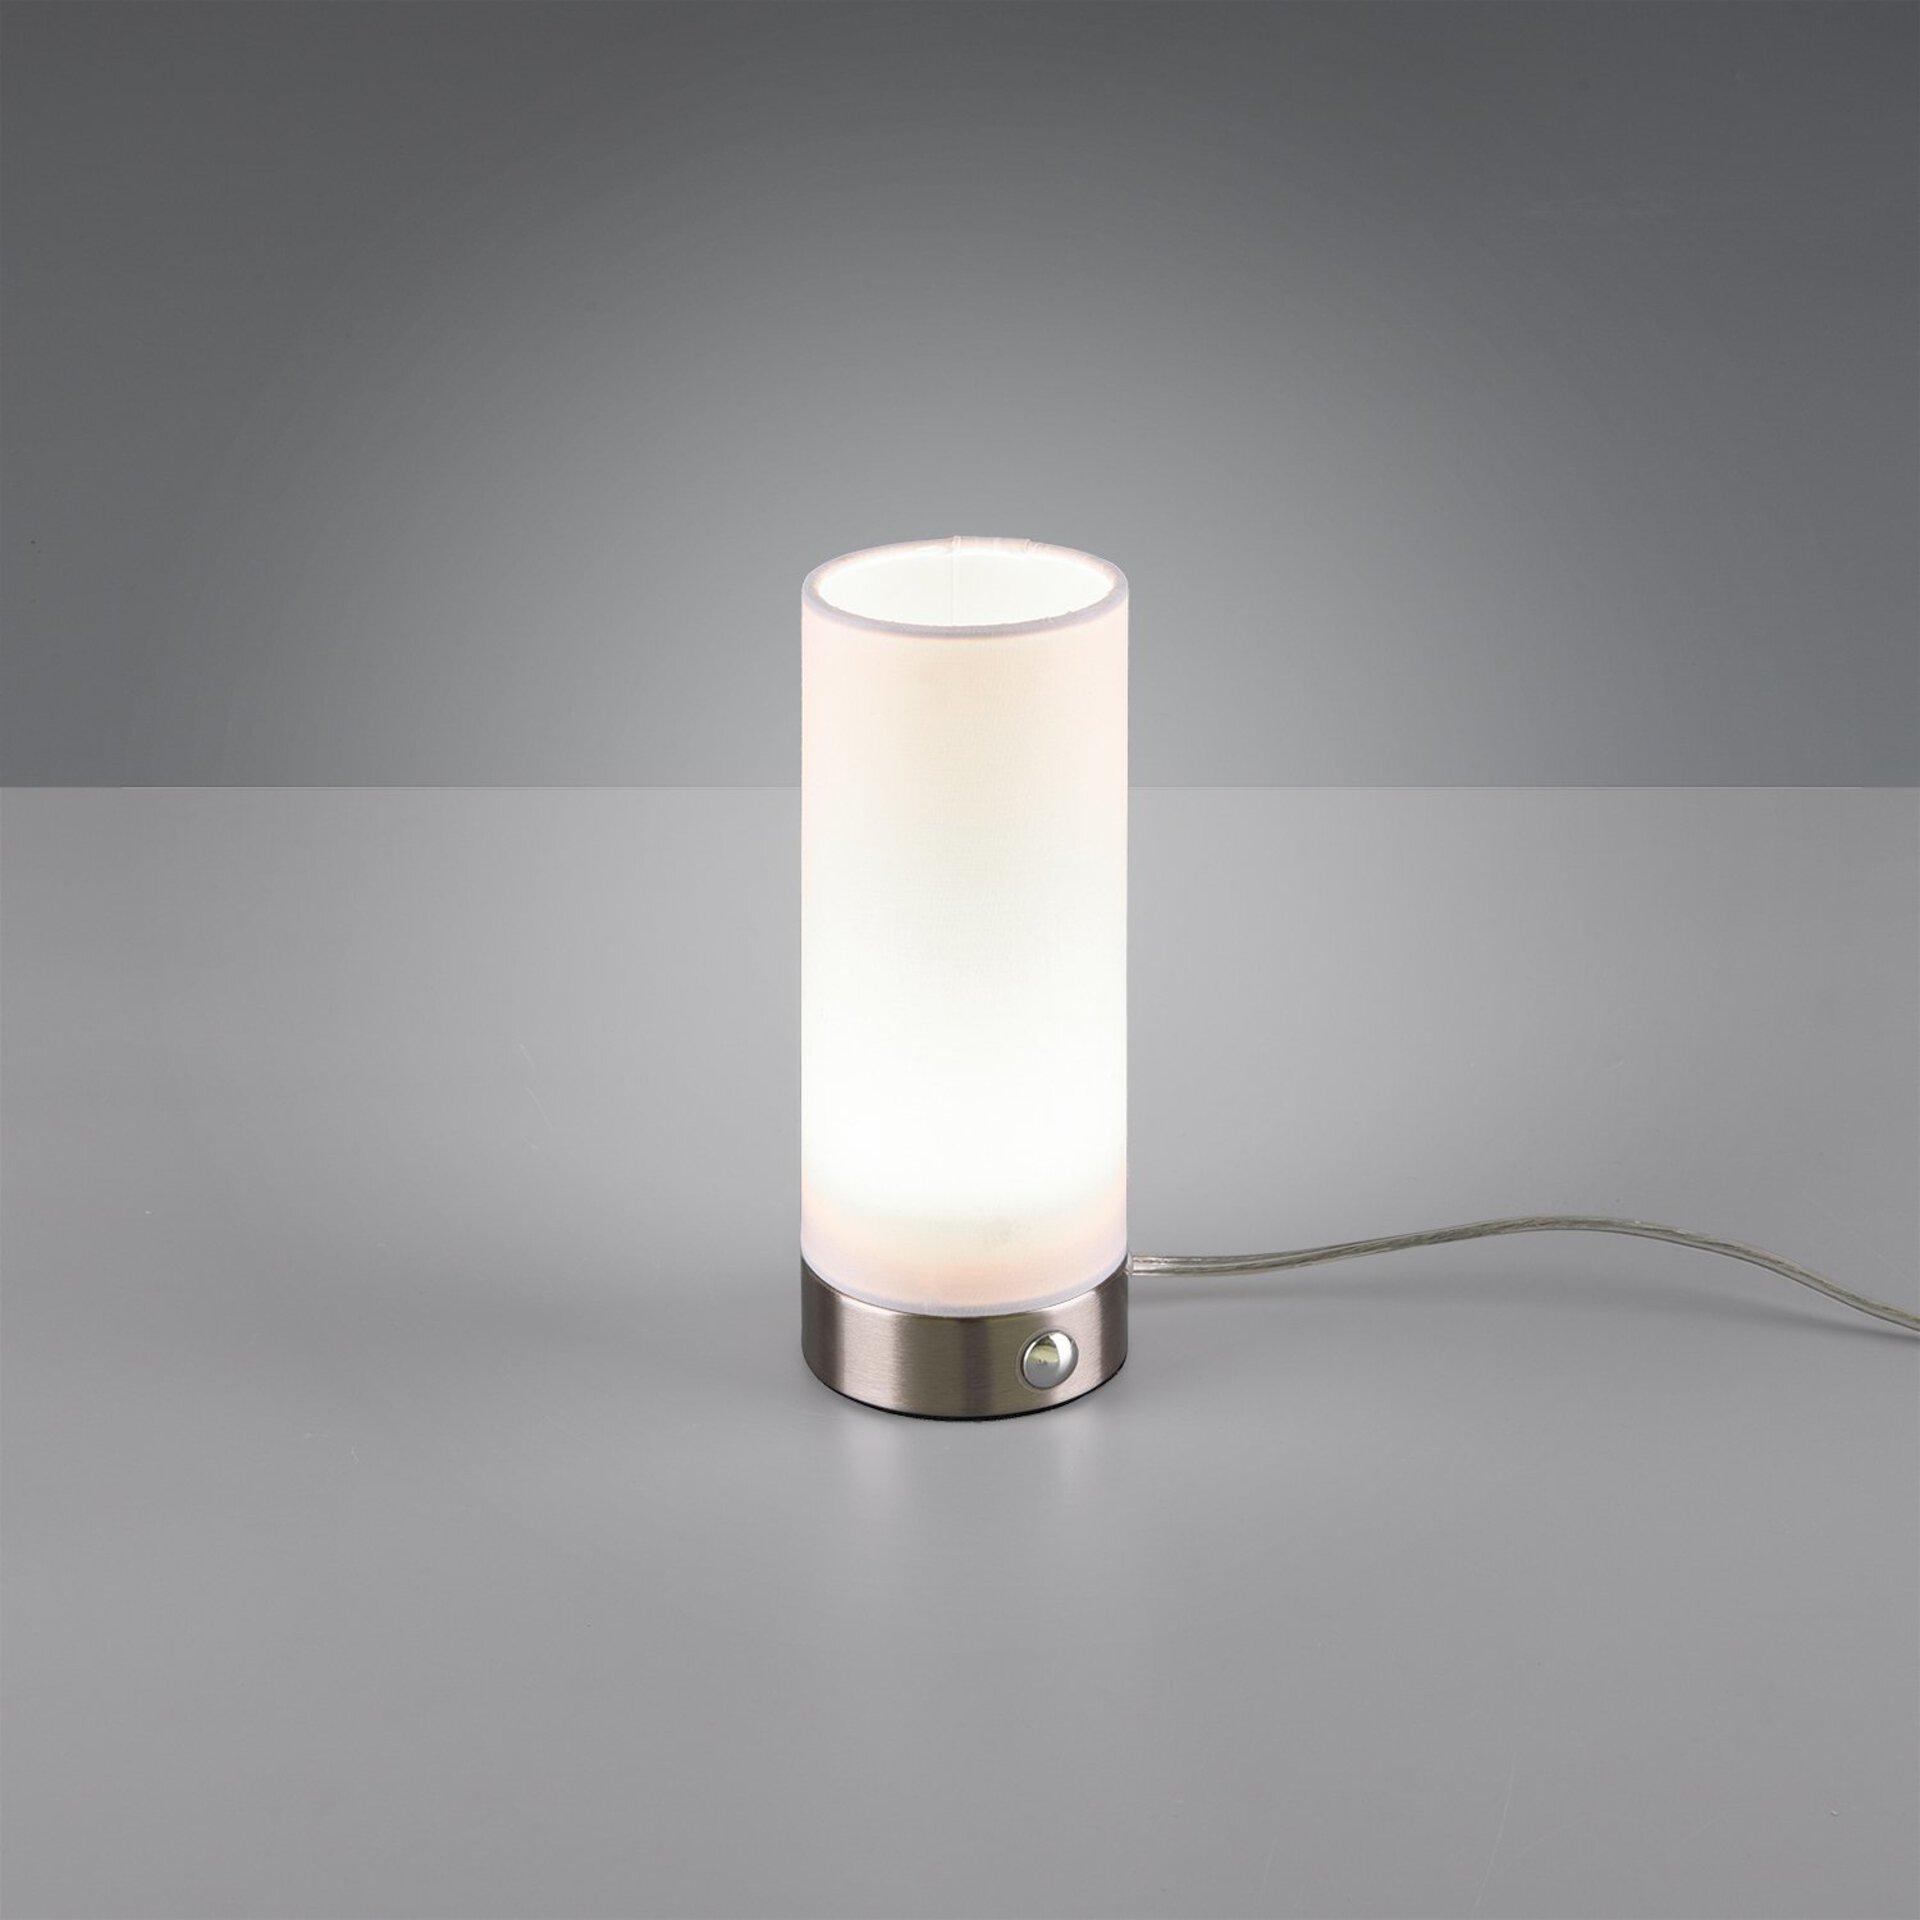 Tischleuchte Emir Reality Leuchten Metall 8 x 20 x 8 cm